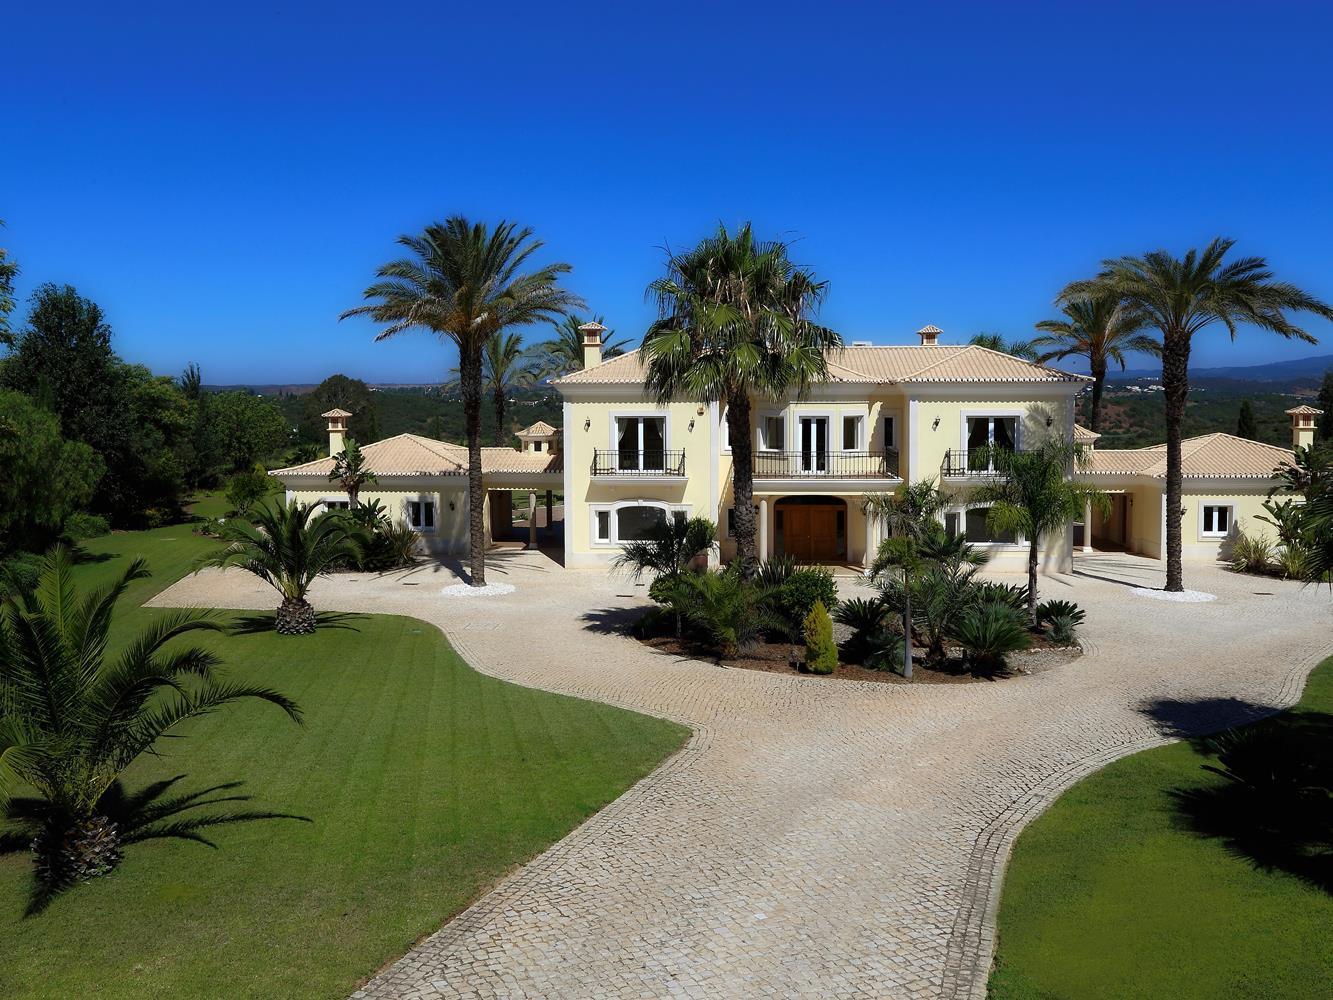 Einfamilienhaus für Verkauf beim Detached house, 5 bedrooms, for Sale Portimao, Algarve Portugal